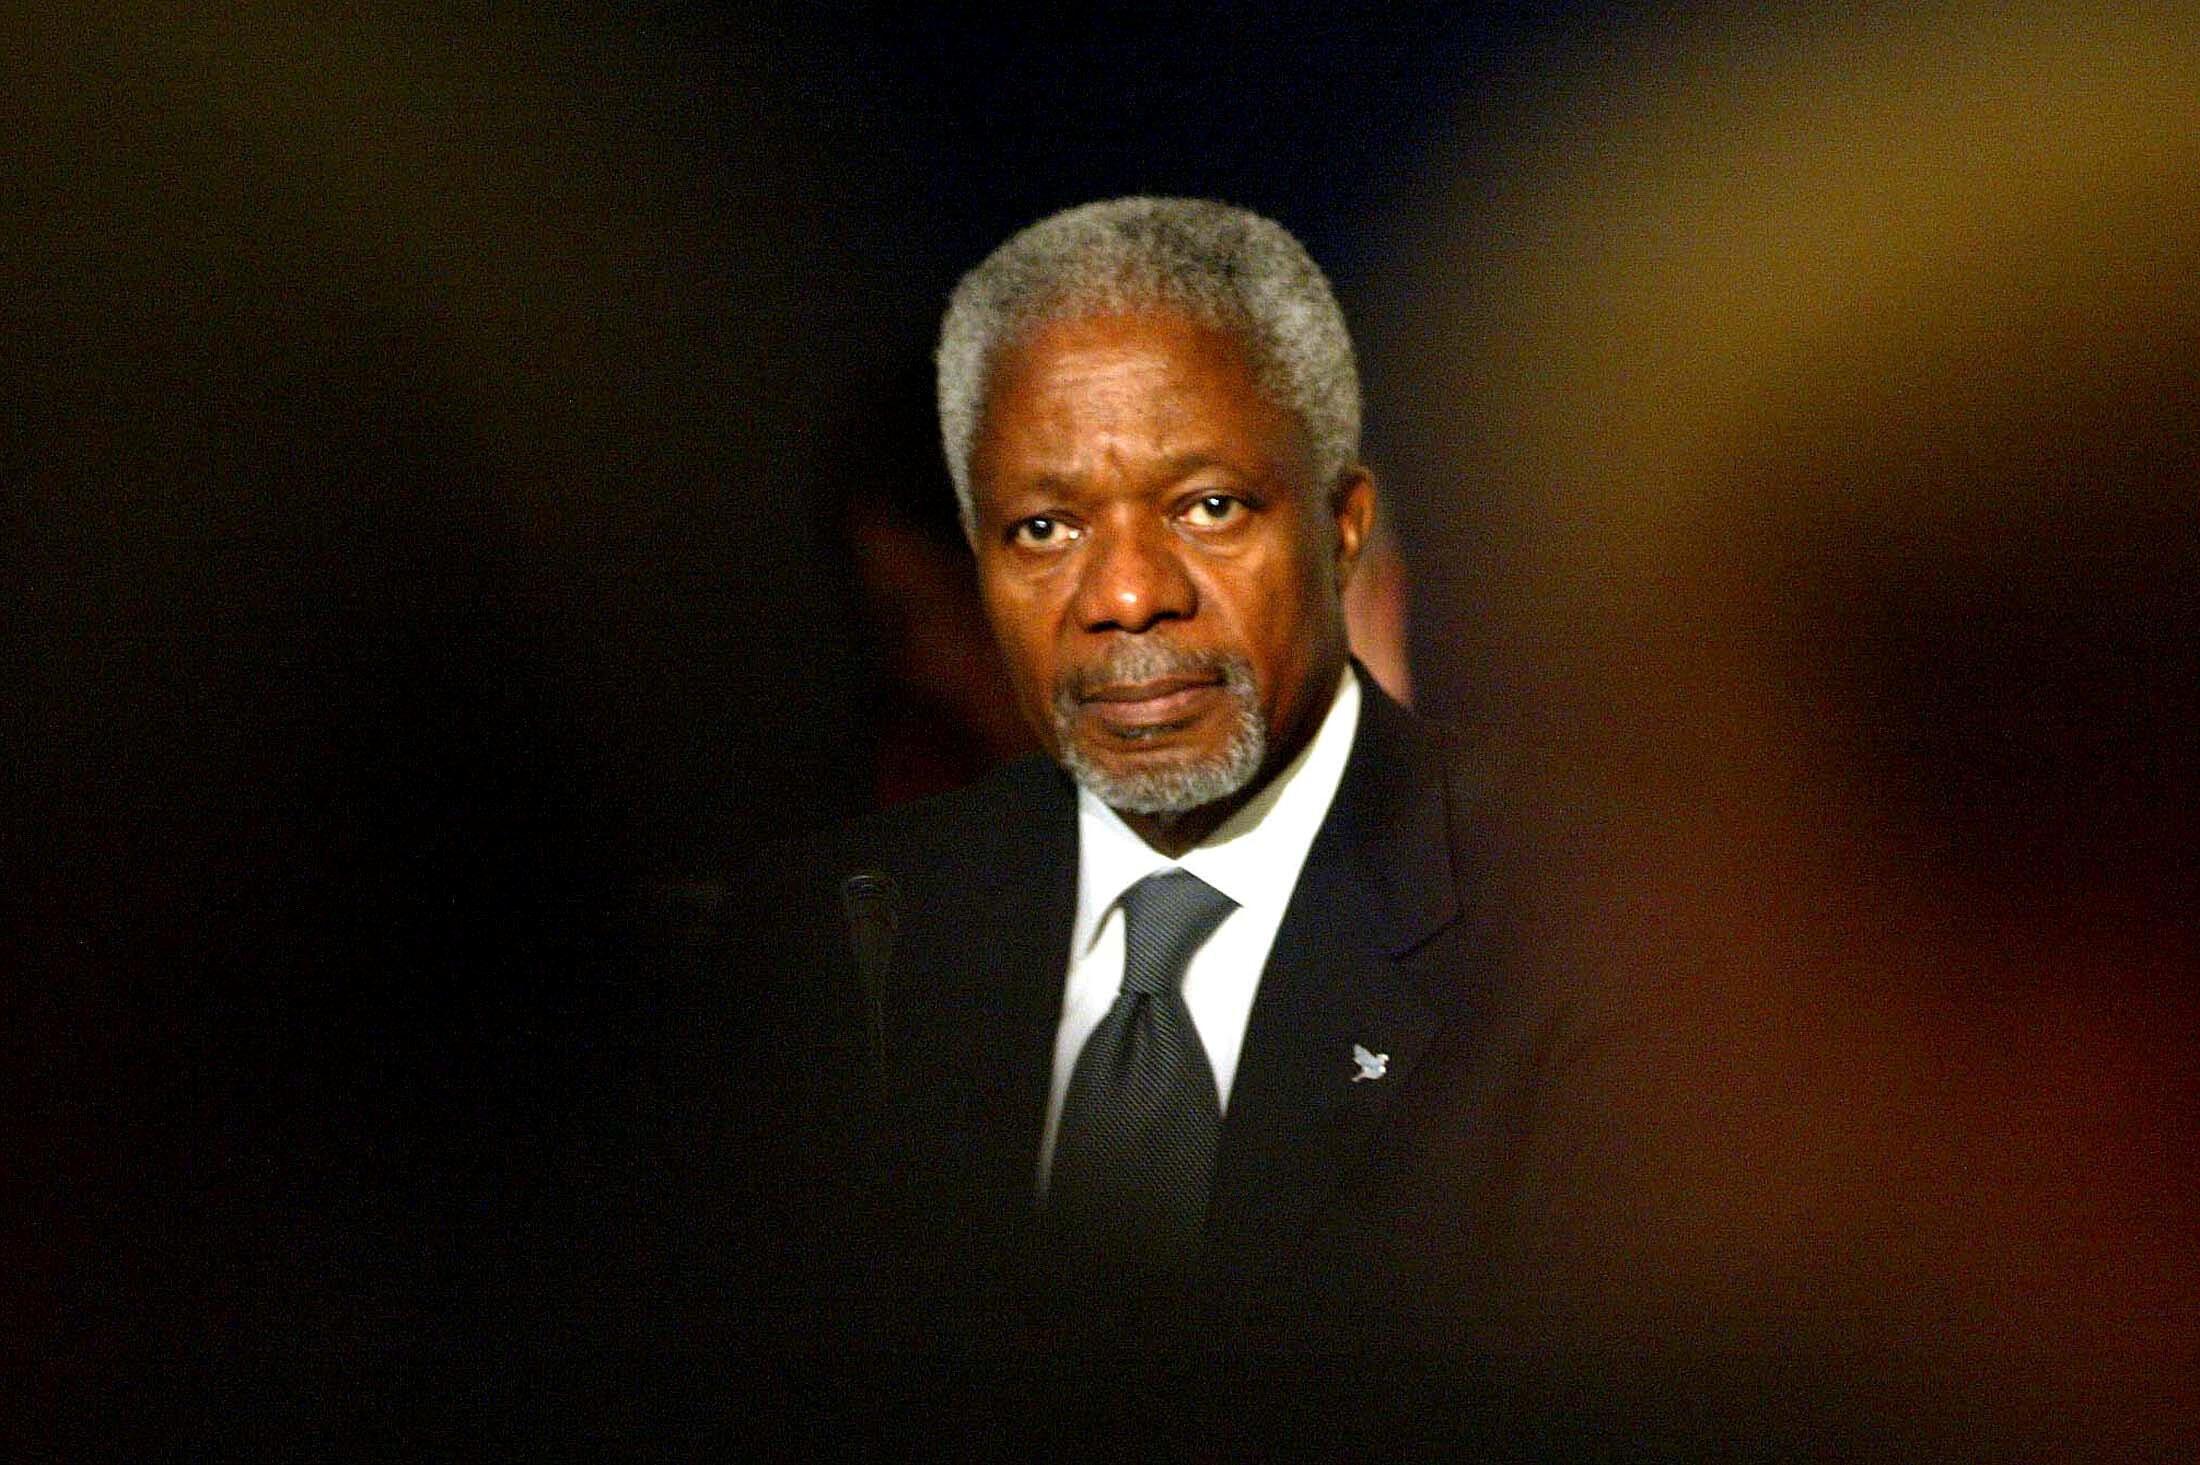 Le secrétaire général de l'Organisation des Nations unies, Kofi Annan, au National Forum en Europe. Dublin Castle, 14 octobre 2004.